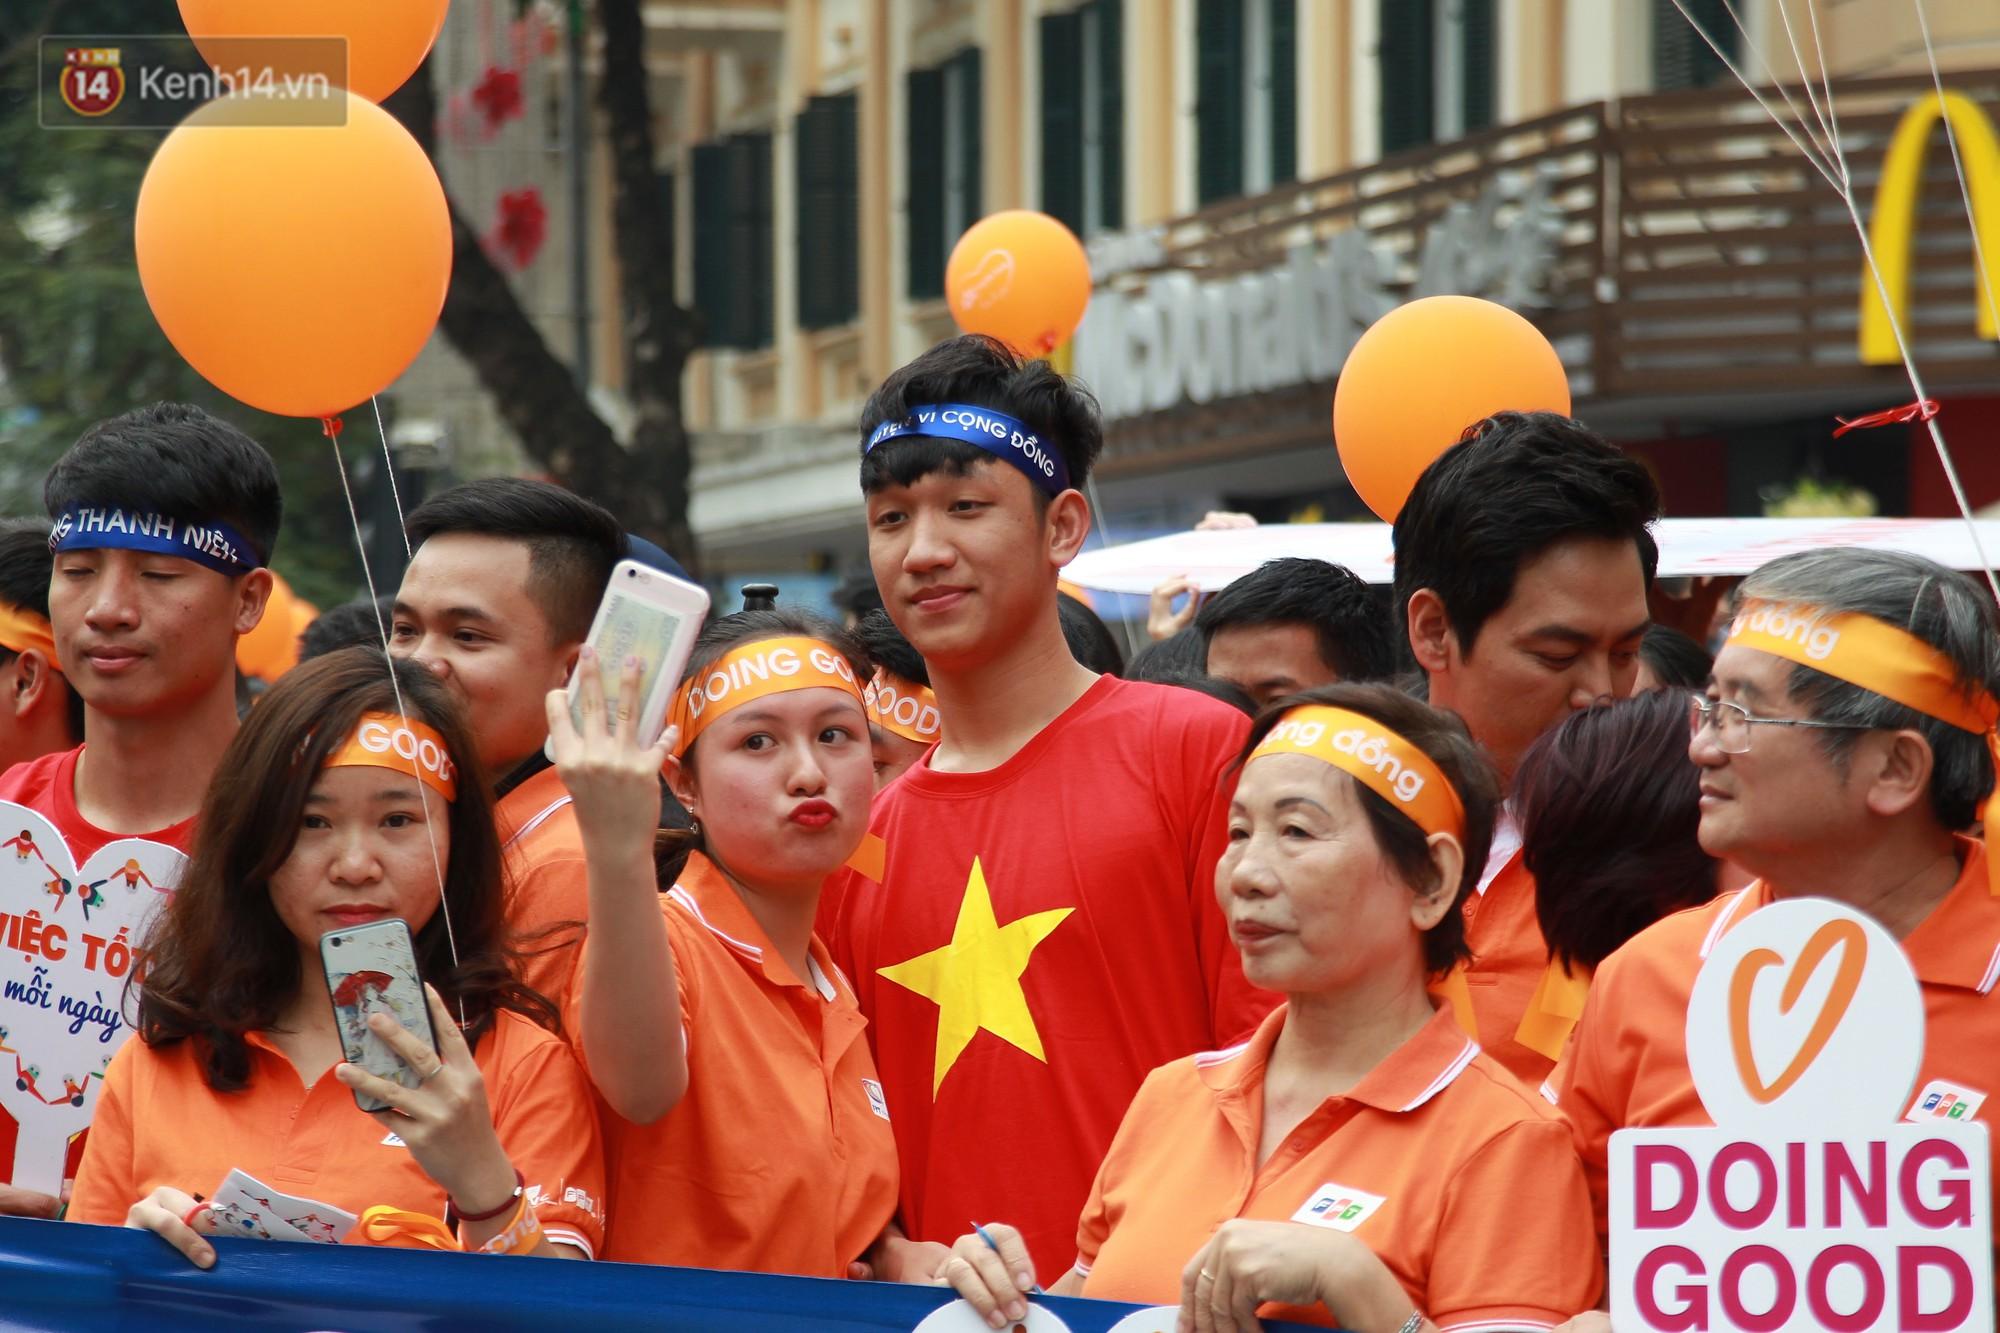 Phố đi bộ Hồ Gươm tắc nghẽn khi Trọng Đại, Tiến Dũng U23 cùng 5000 người dân tham gia ngày hội tình nguyện - Ảnh 6.